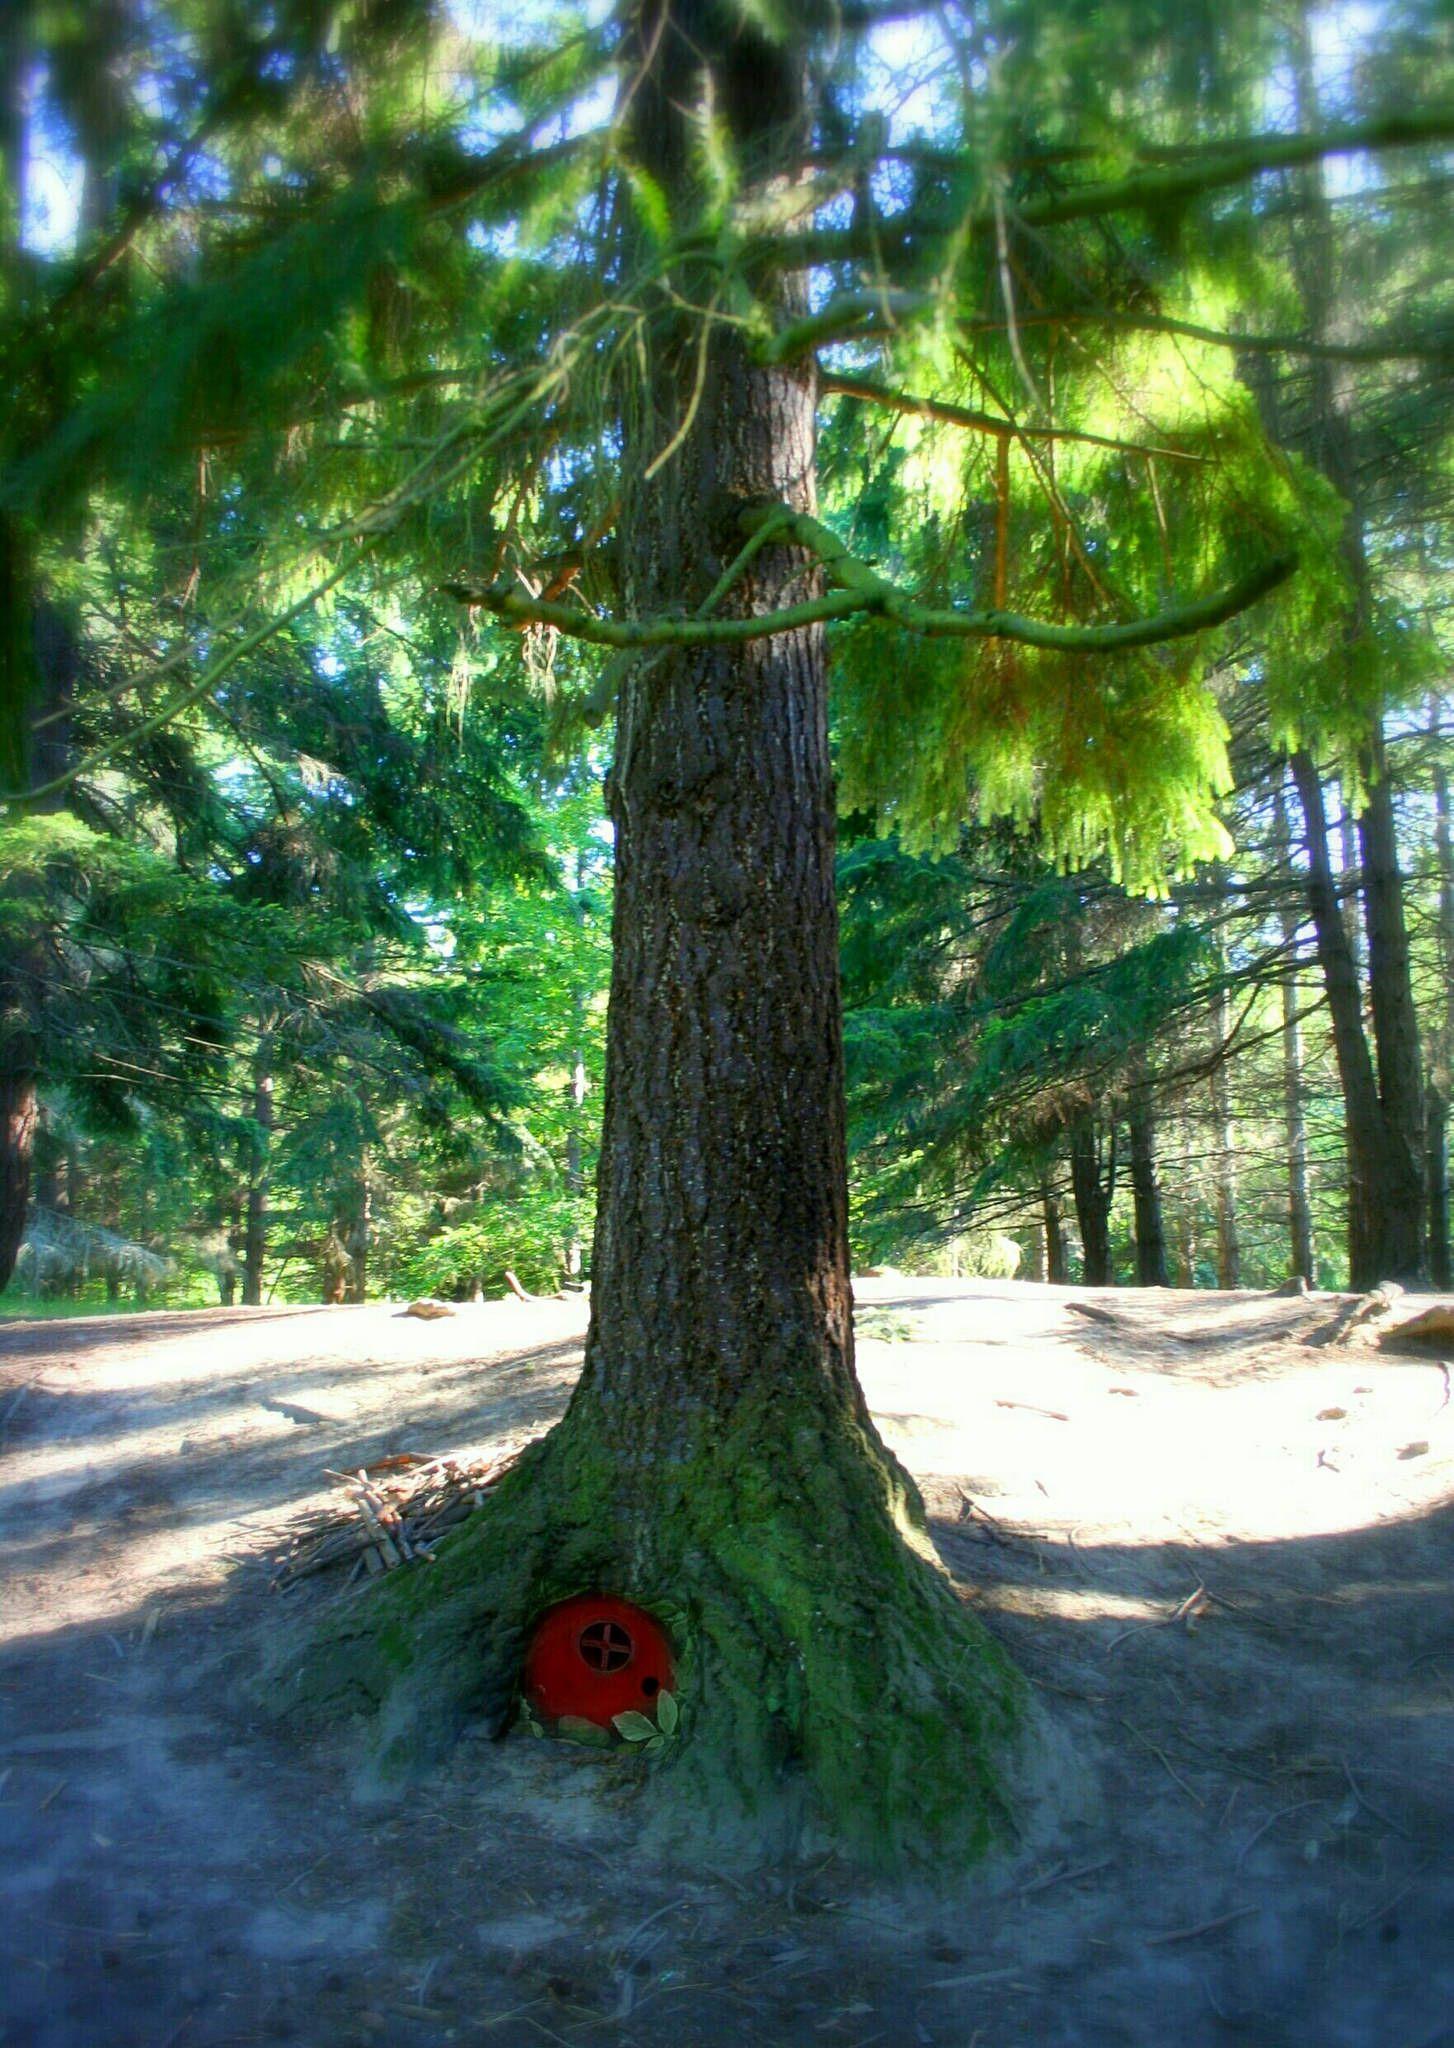 Alexa Open the Magic Door. & Alexa Open the Magic Door... | Tree houses and Gnomes pezcame.com